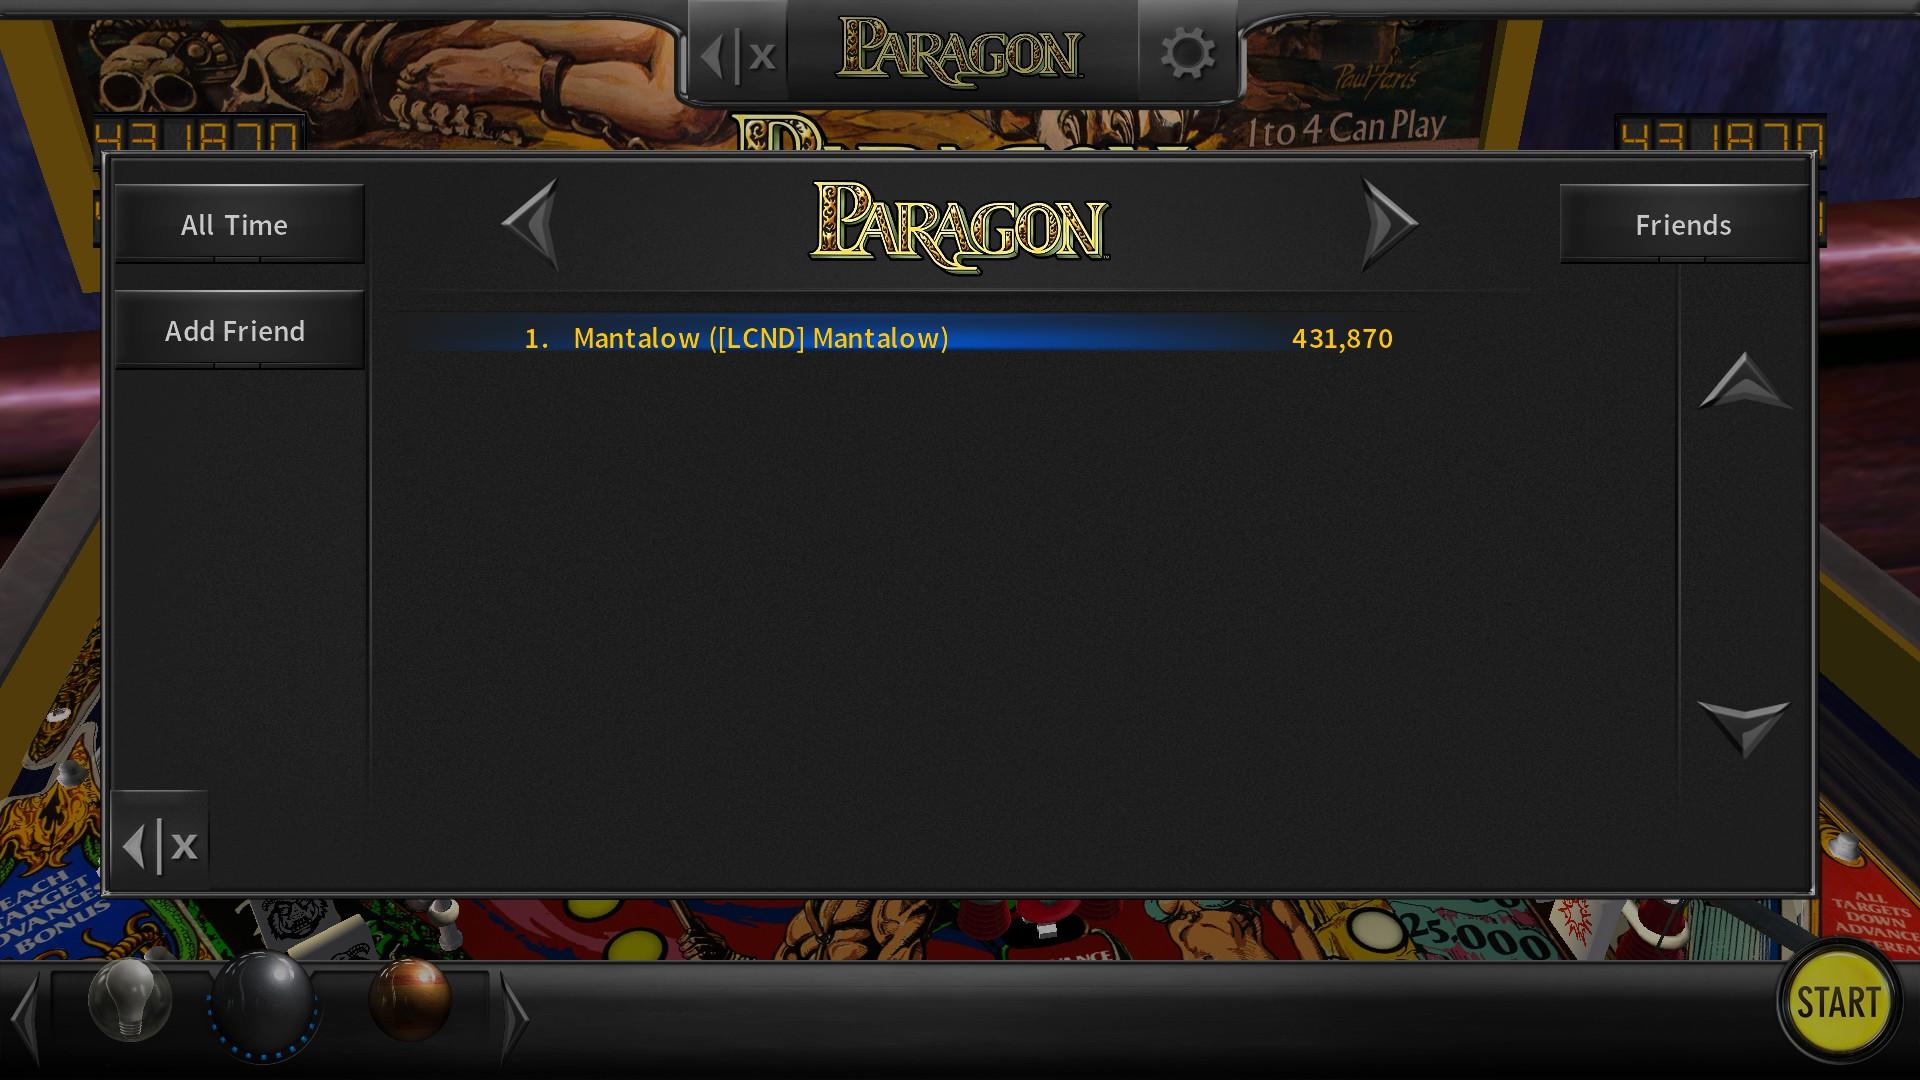 Mantalow: Pinball Arcade: Paragon (PC) 431,870 points on 2017-06-22 11:22:30